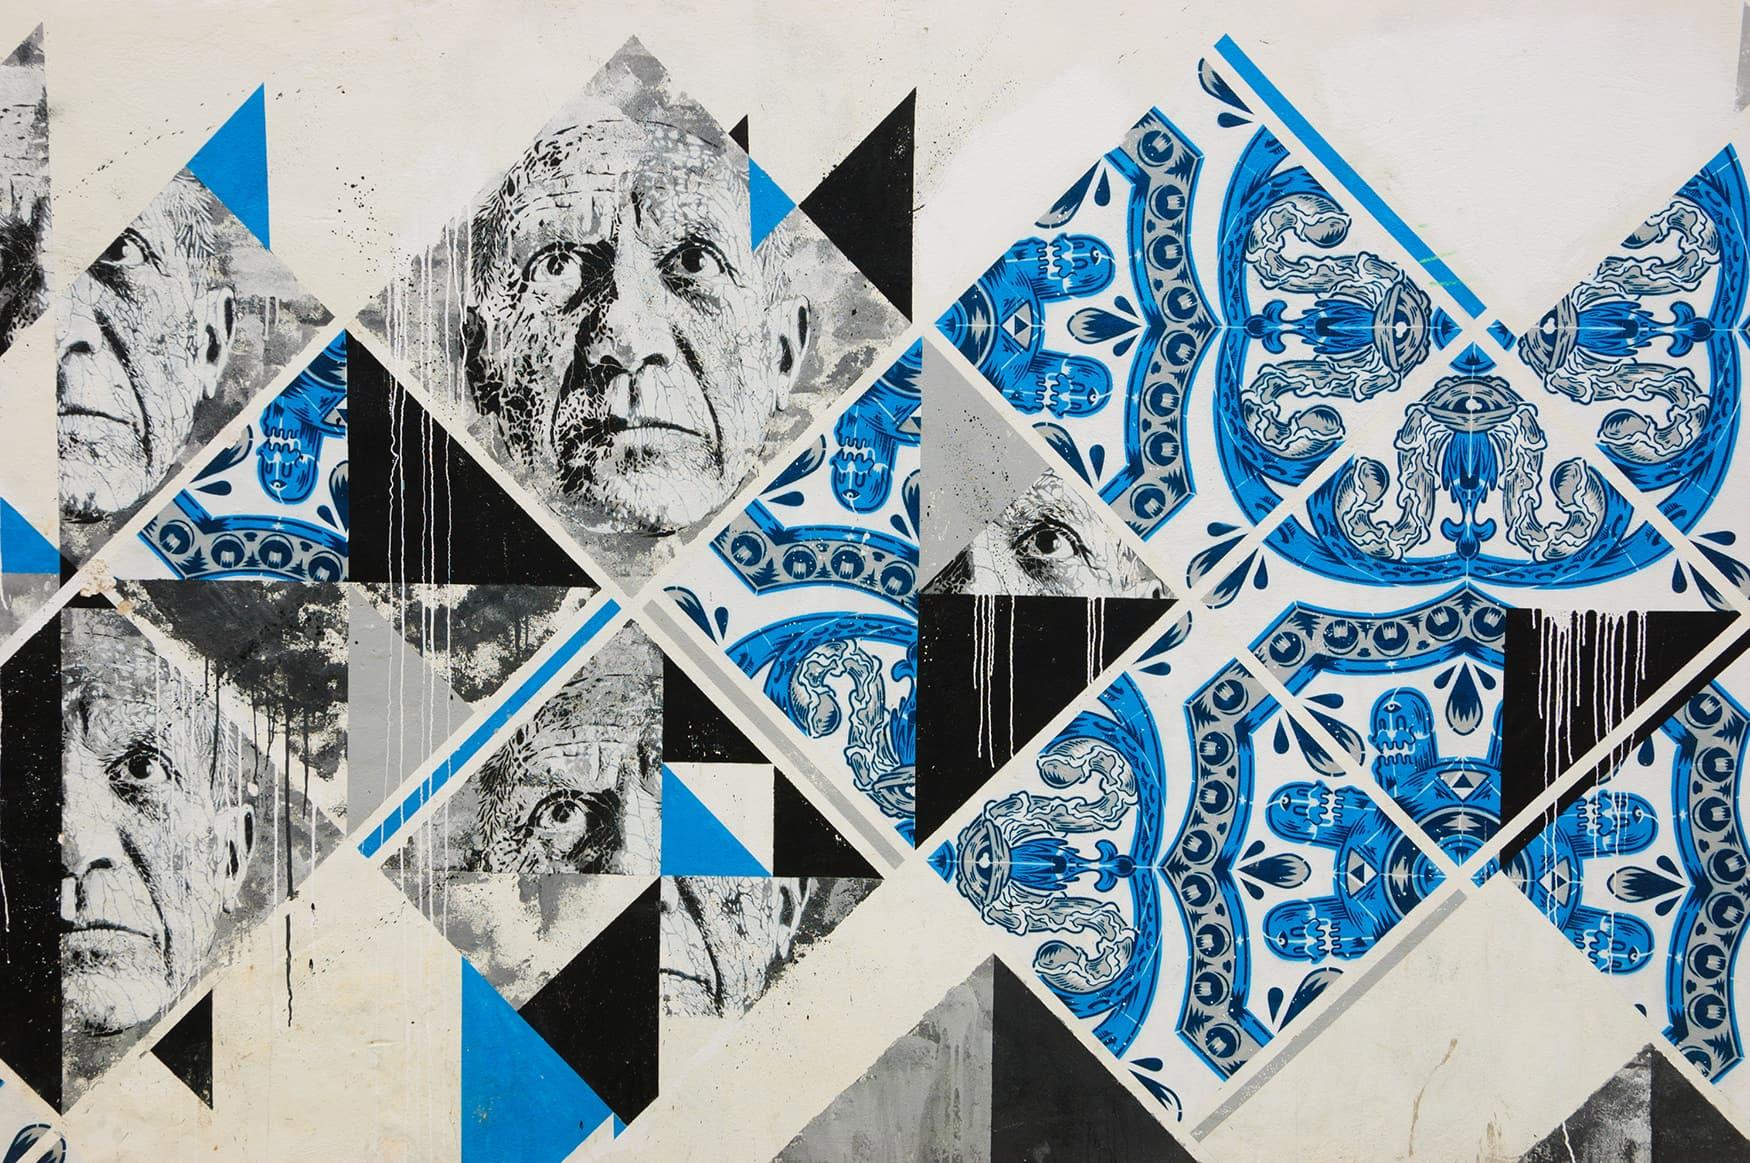 Blaue Fliesen an Wand in Lagos